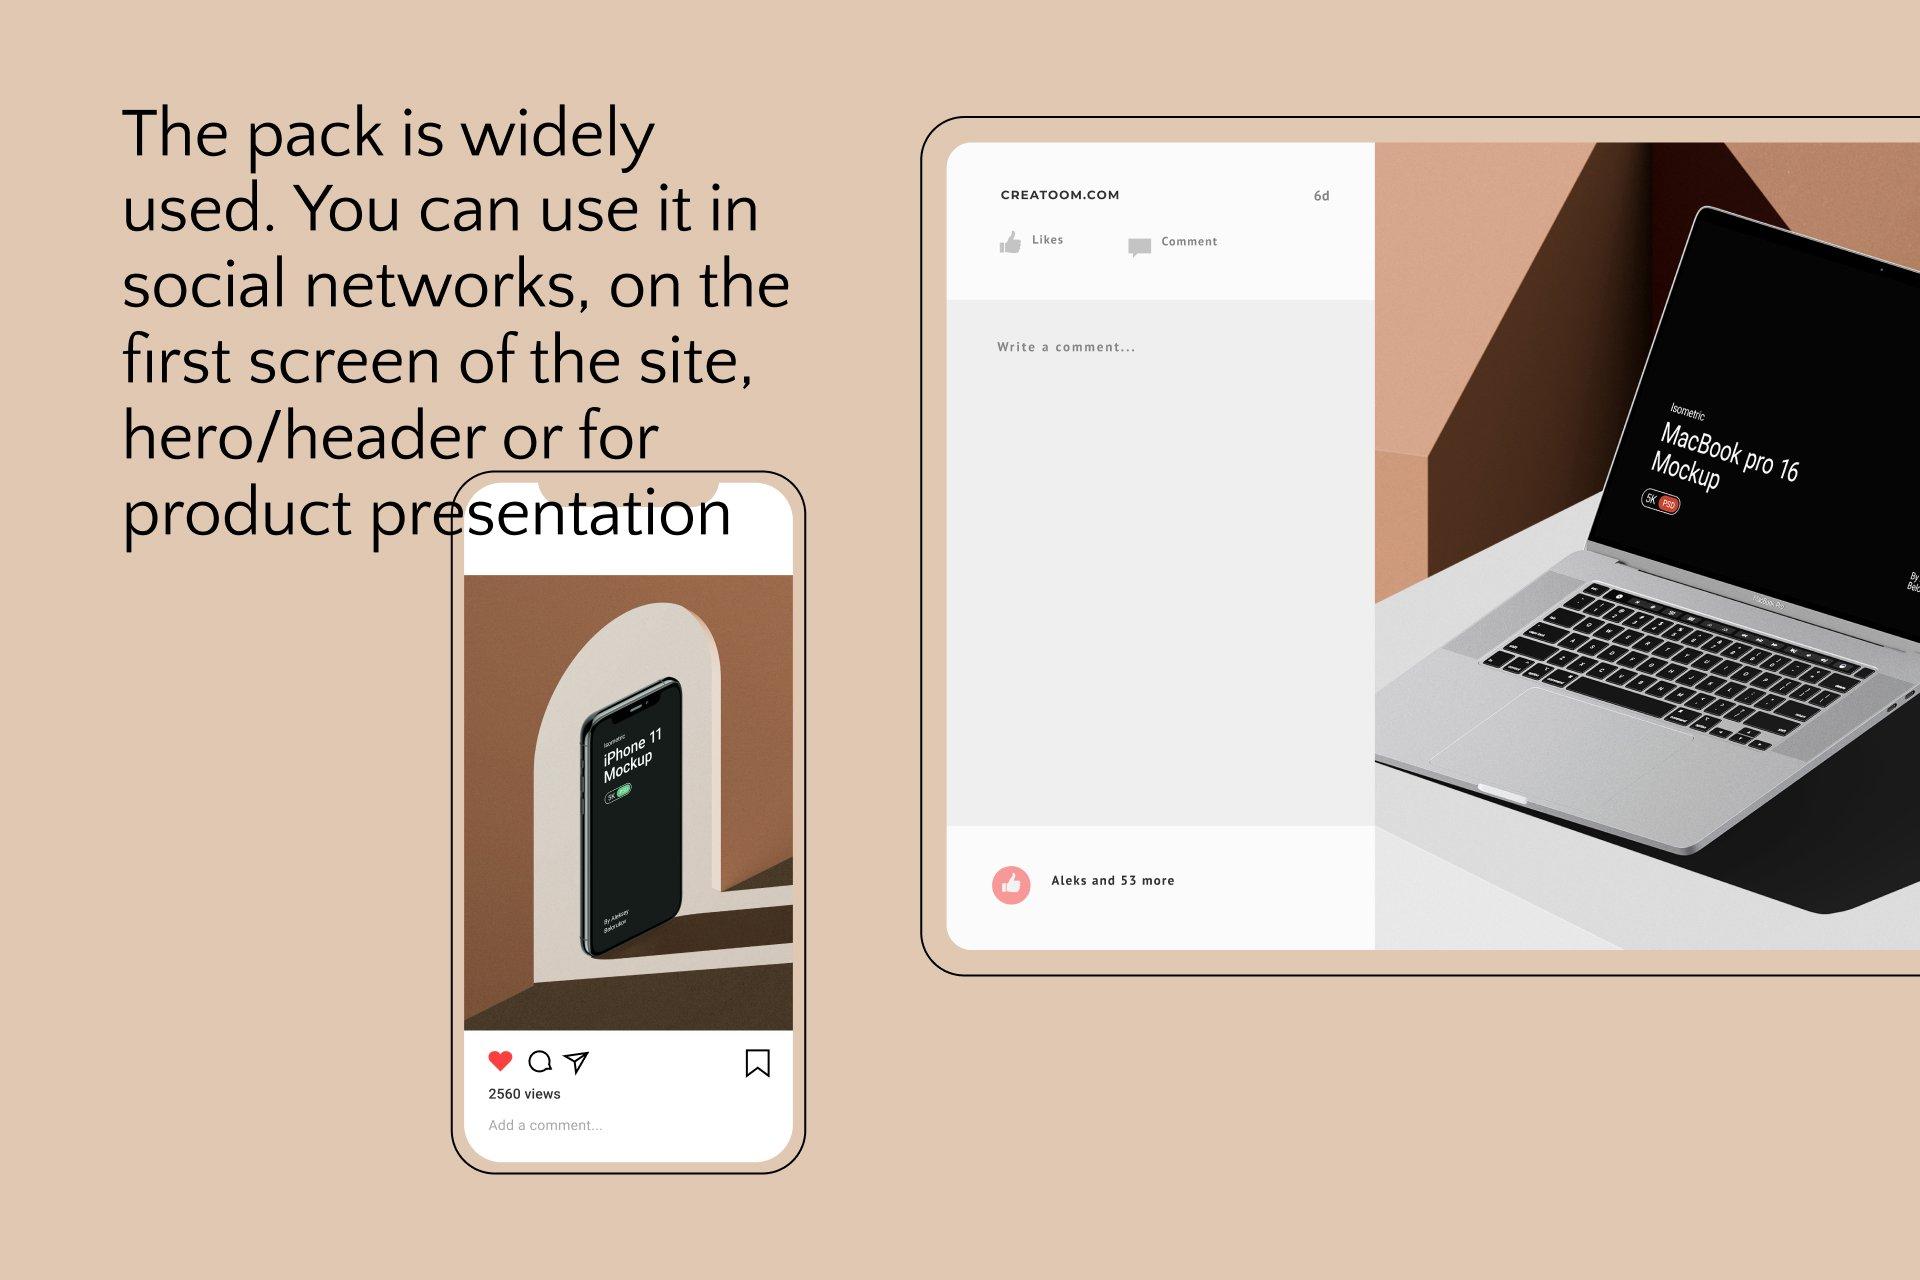 [单独购买] 16款时尚等距APP界面设计苹果设备屏幕演示场景样机模板套装 Device Pack Mockups – Isometric插图24